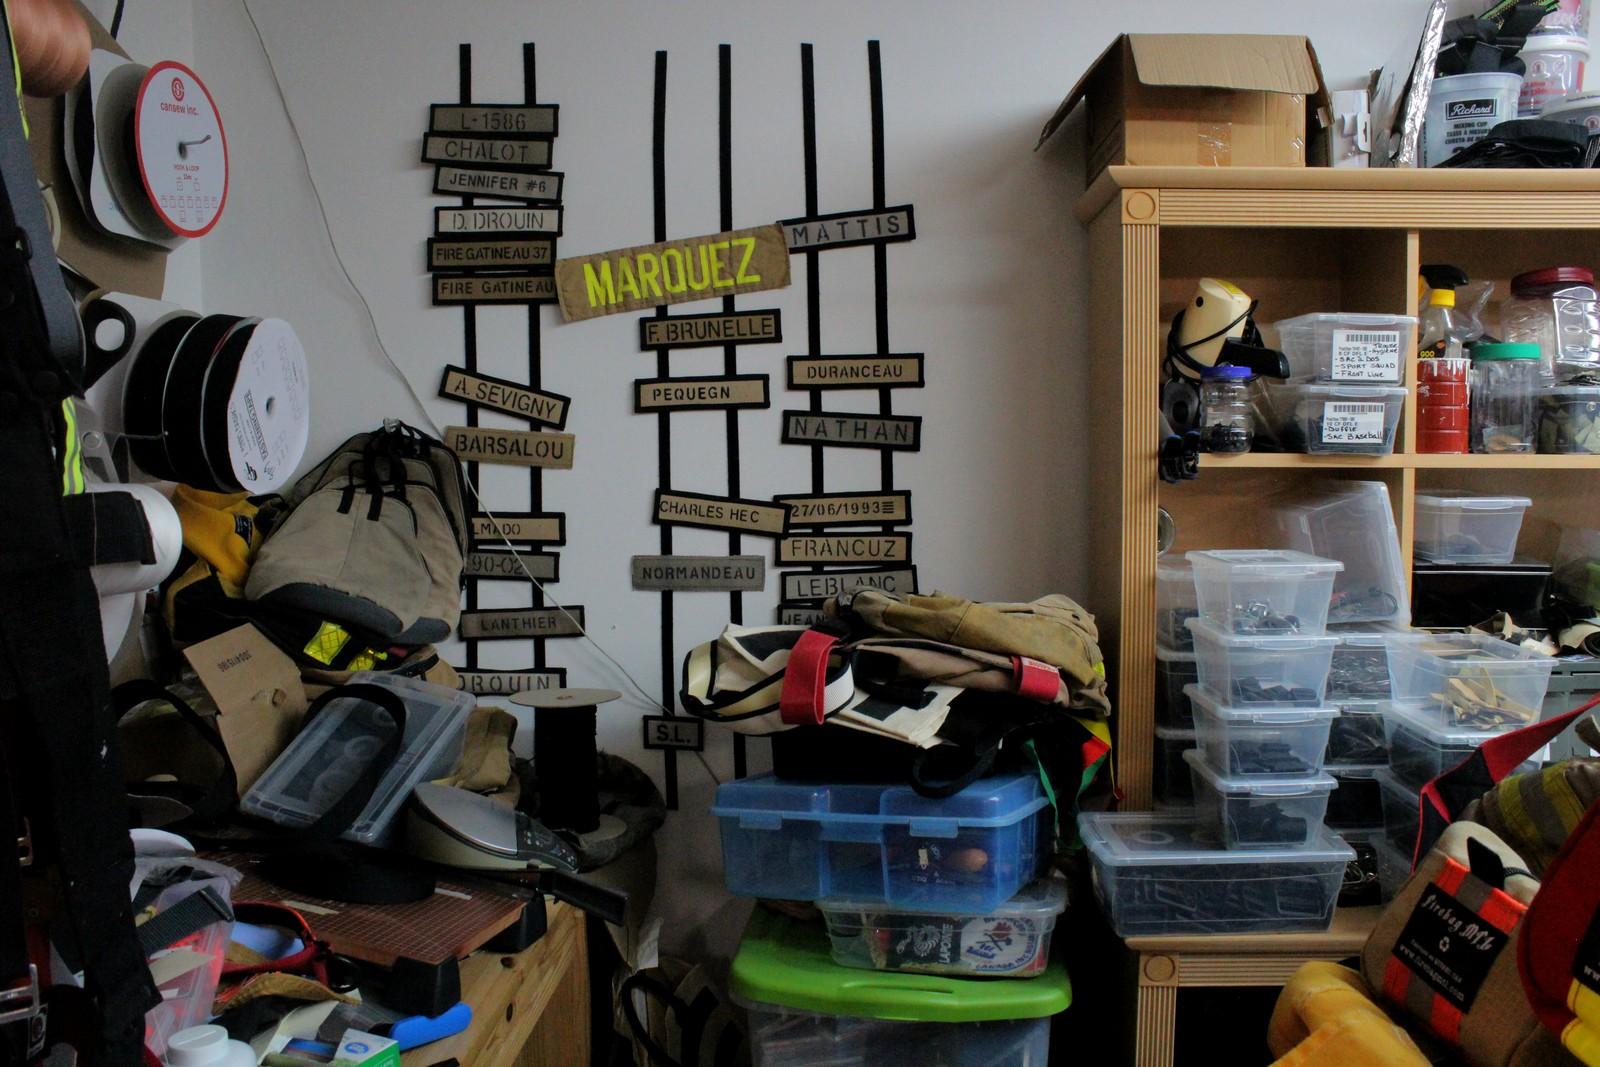 Derrière chaque sac il y a une histoire et un pompier qui est allé dans le feu.©AL